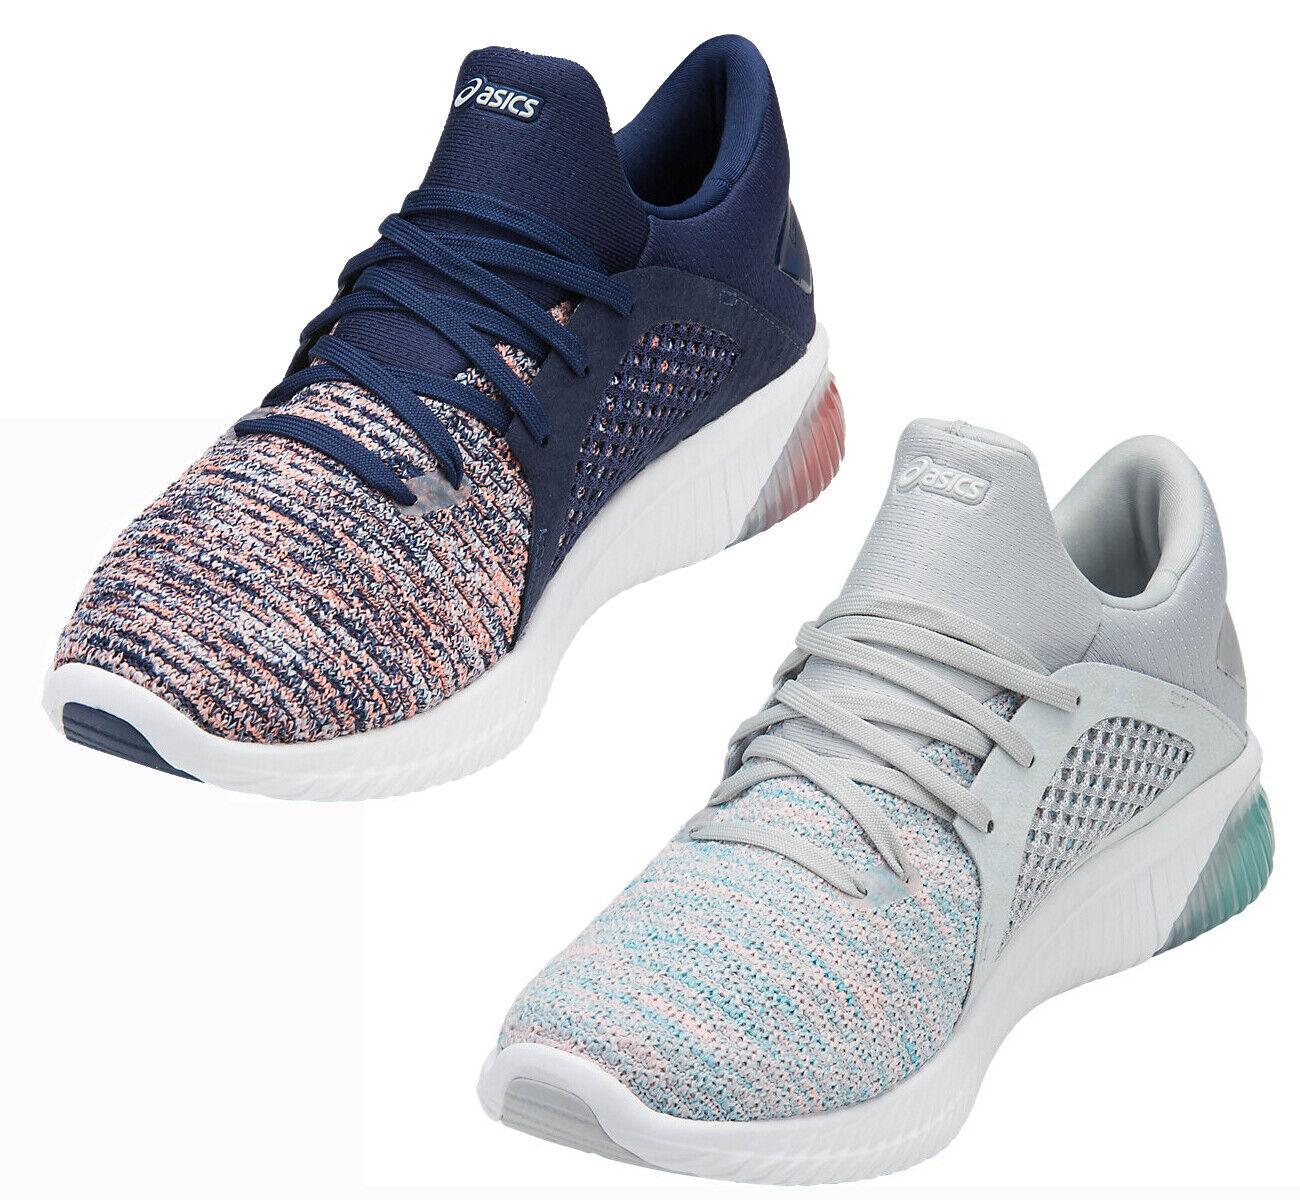 Details zu adidas Originals I 5923 Sneaker Damenschuhe Freizeit beige weiß Lifestyle BD7799